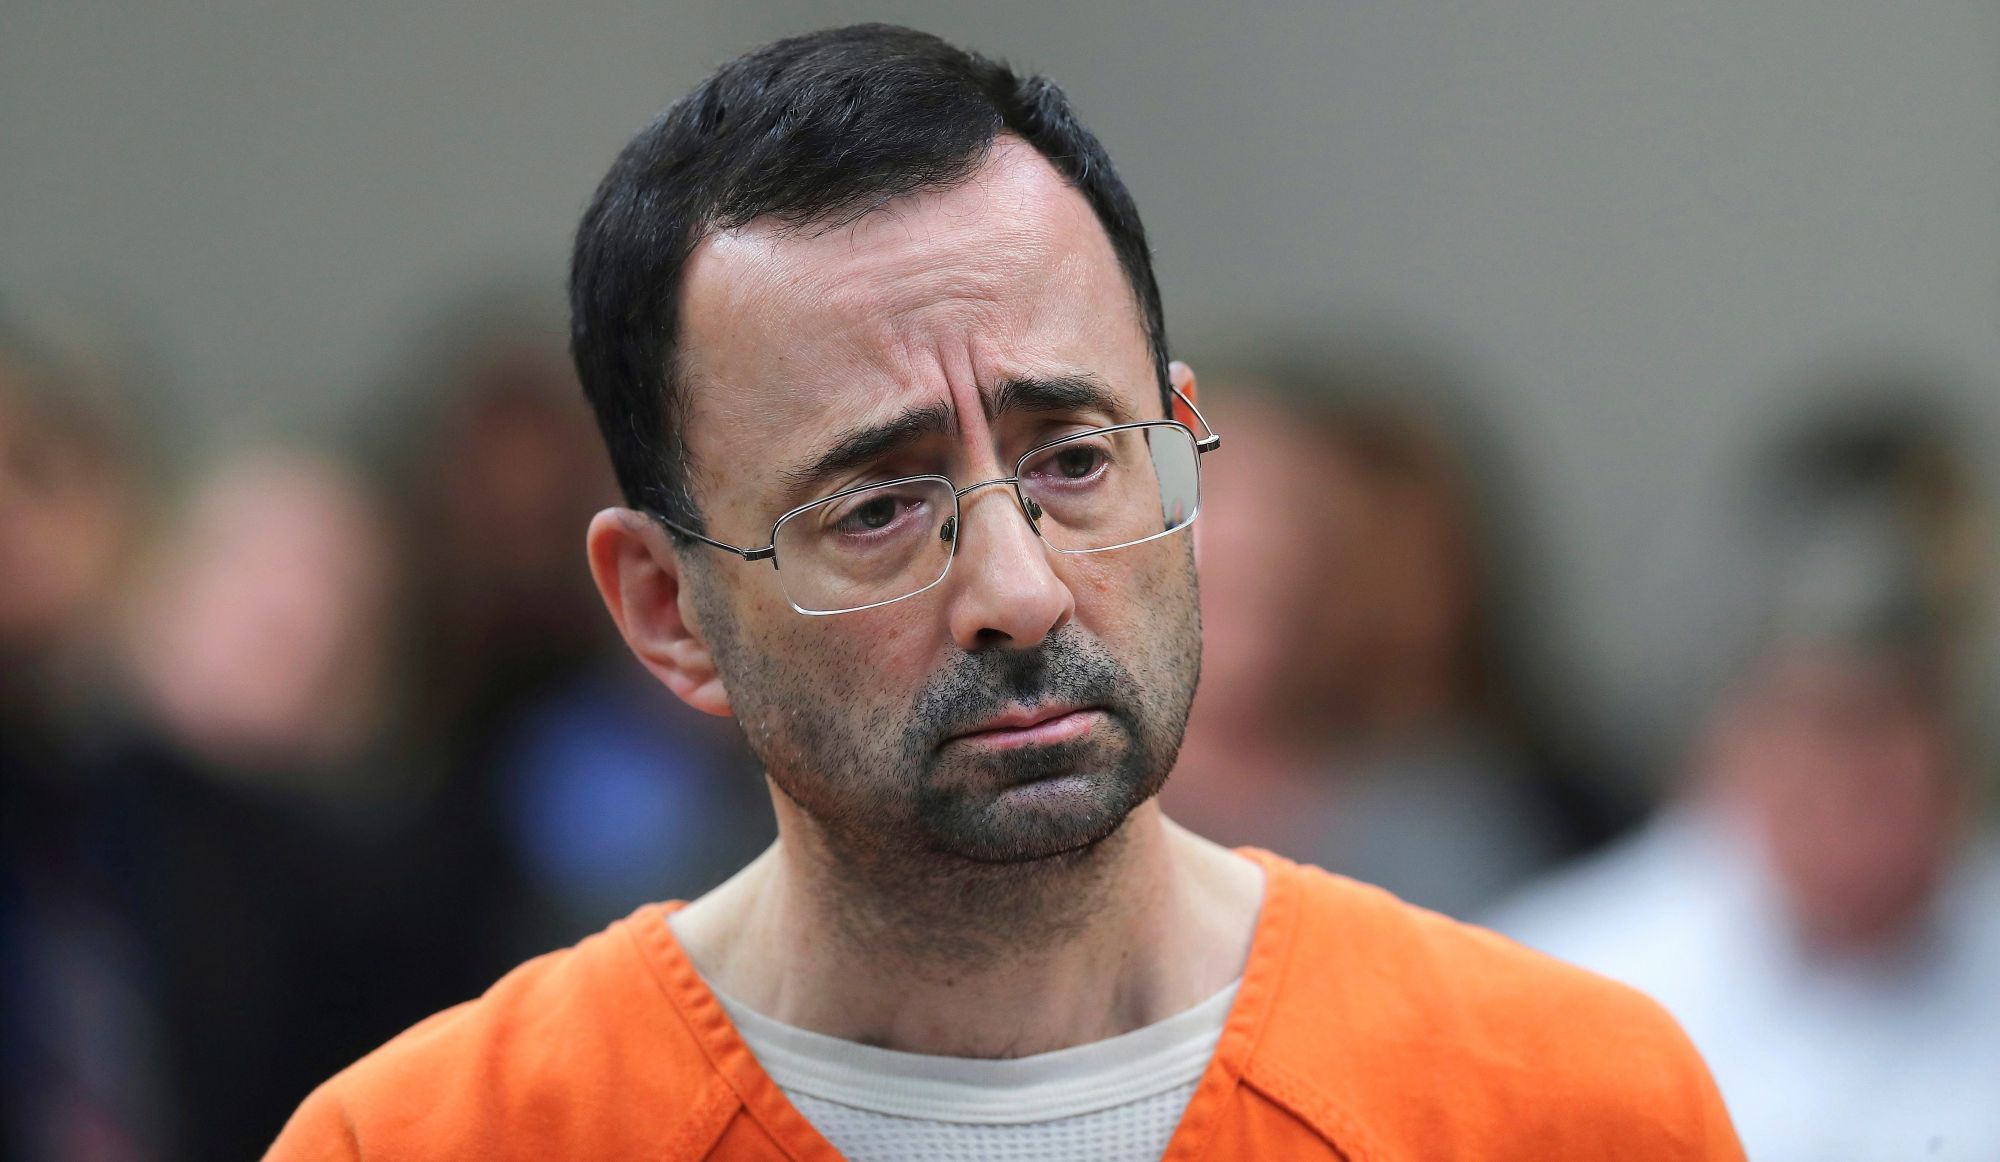 500 M$ pour les victimes — Affaire Larry Nassar